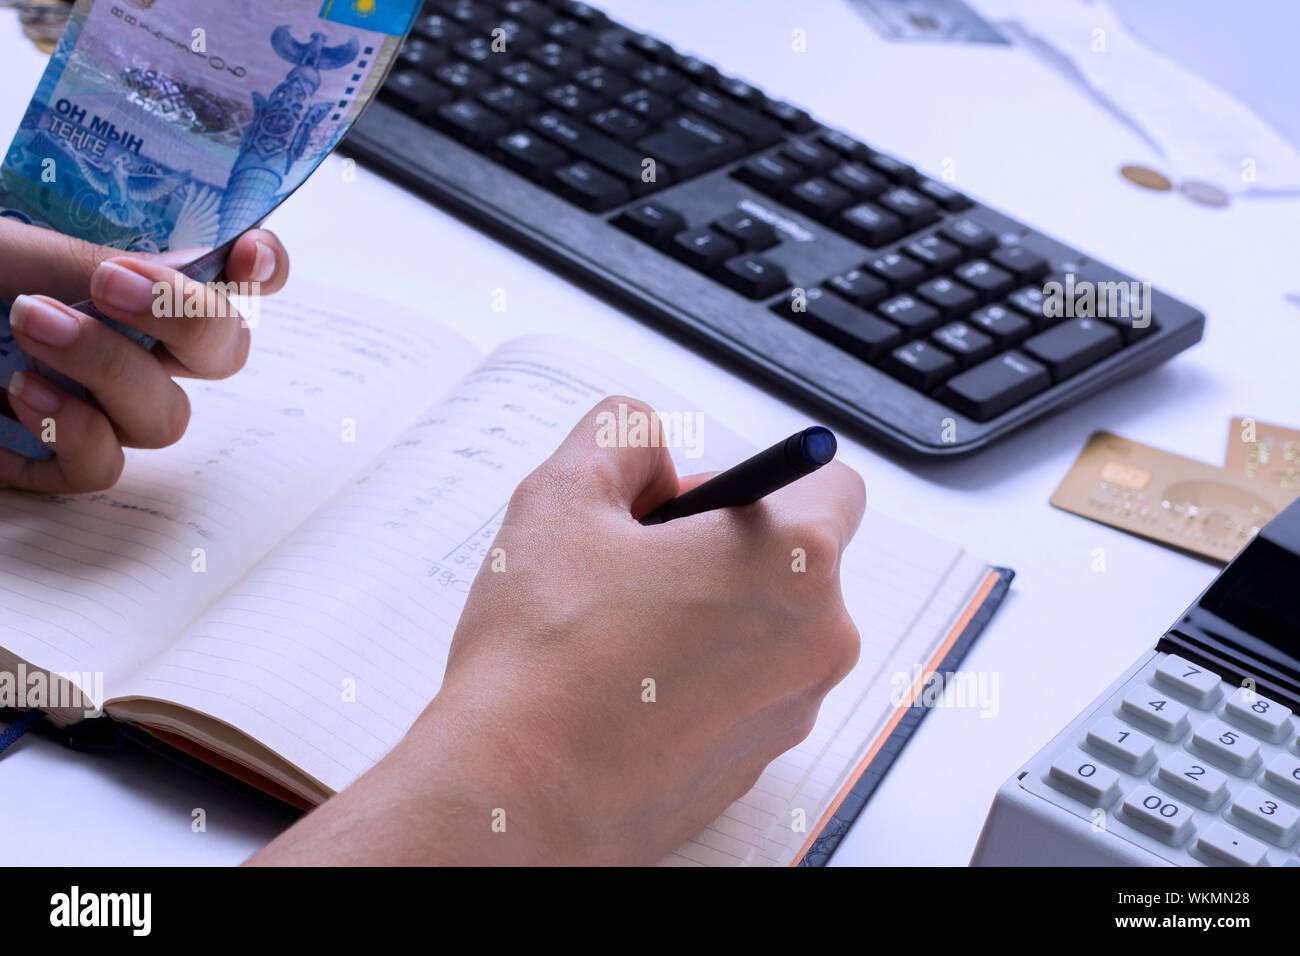 Los resultados de los sueldos en Kazajstán. Contador cajero cuenta el dinero en tenge y llena los informes y declaraciones. Foto de stock